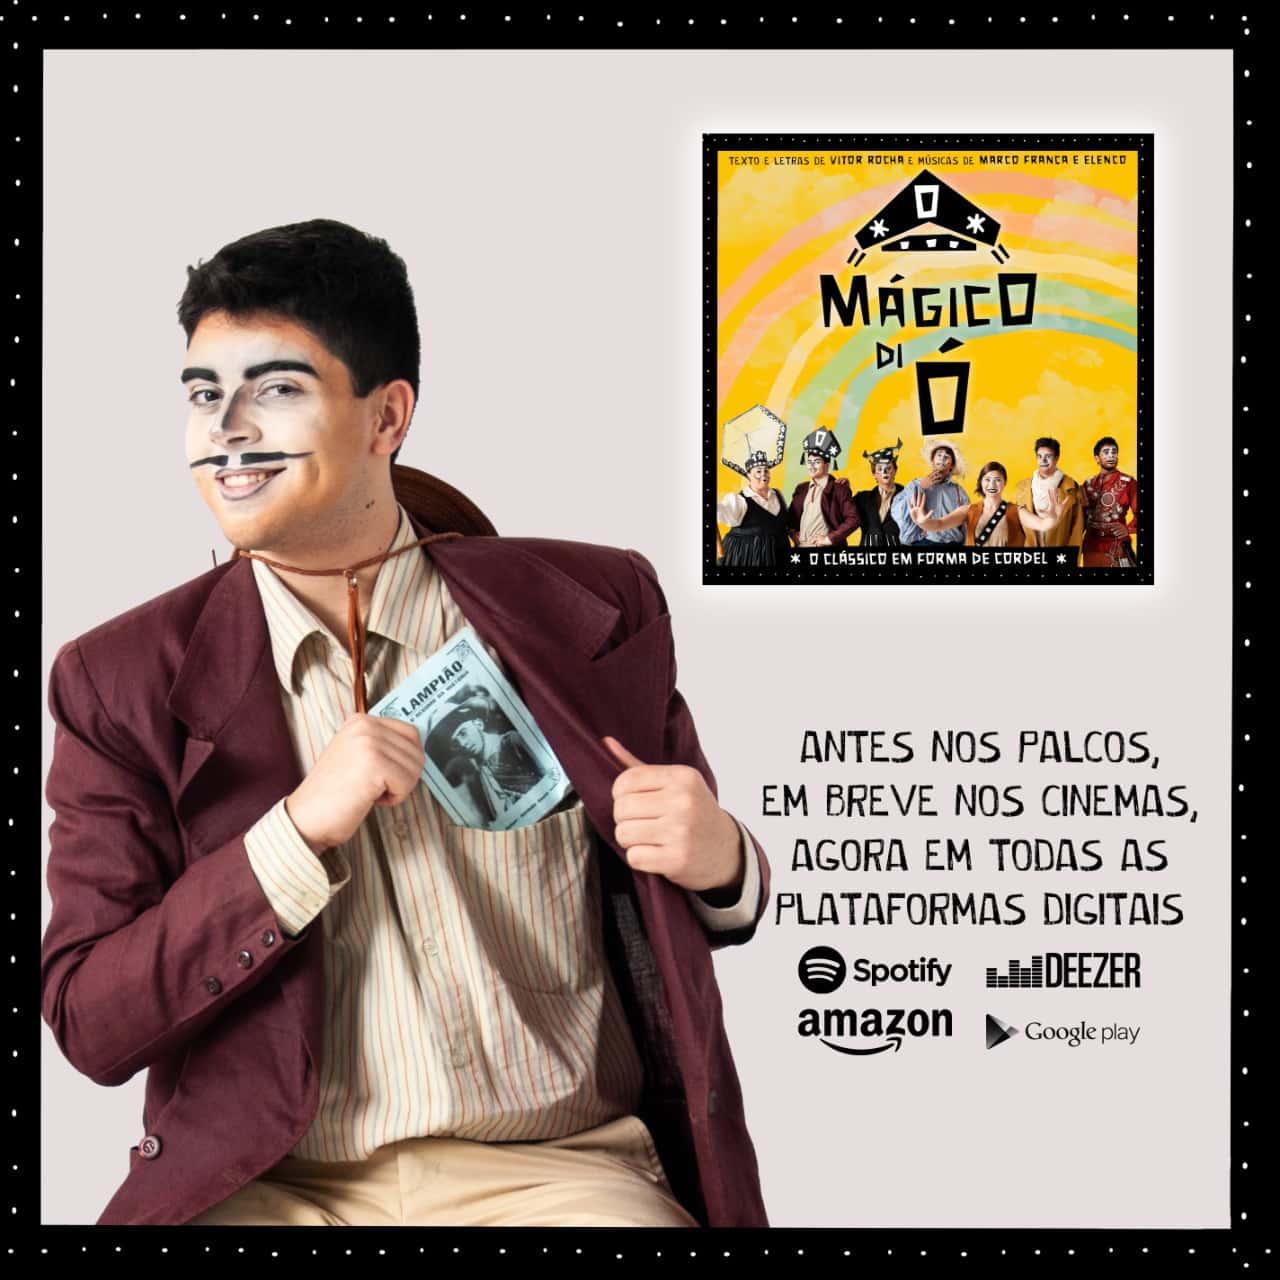 Vitor Rocha lança trilha sonora de 'O Mágico di Ó – O Clássico Em Forma de Cordel